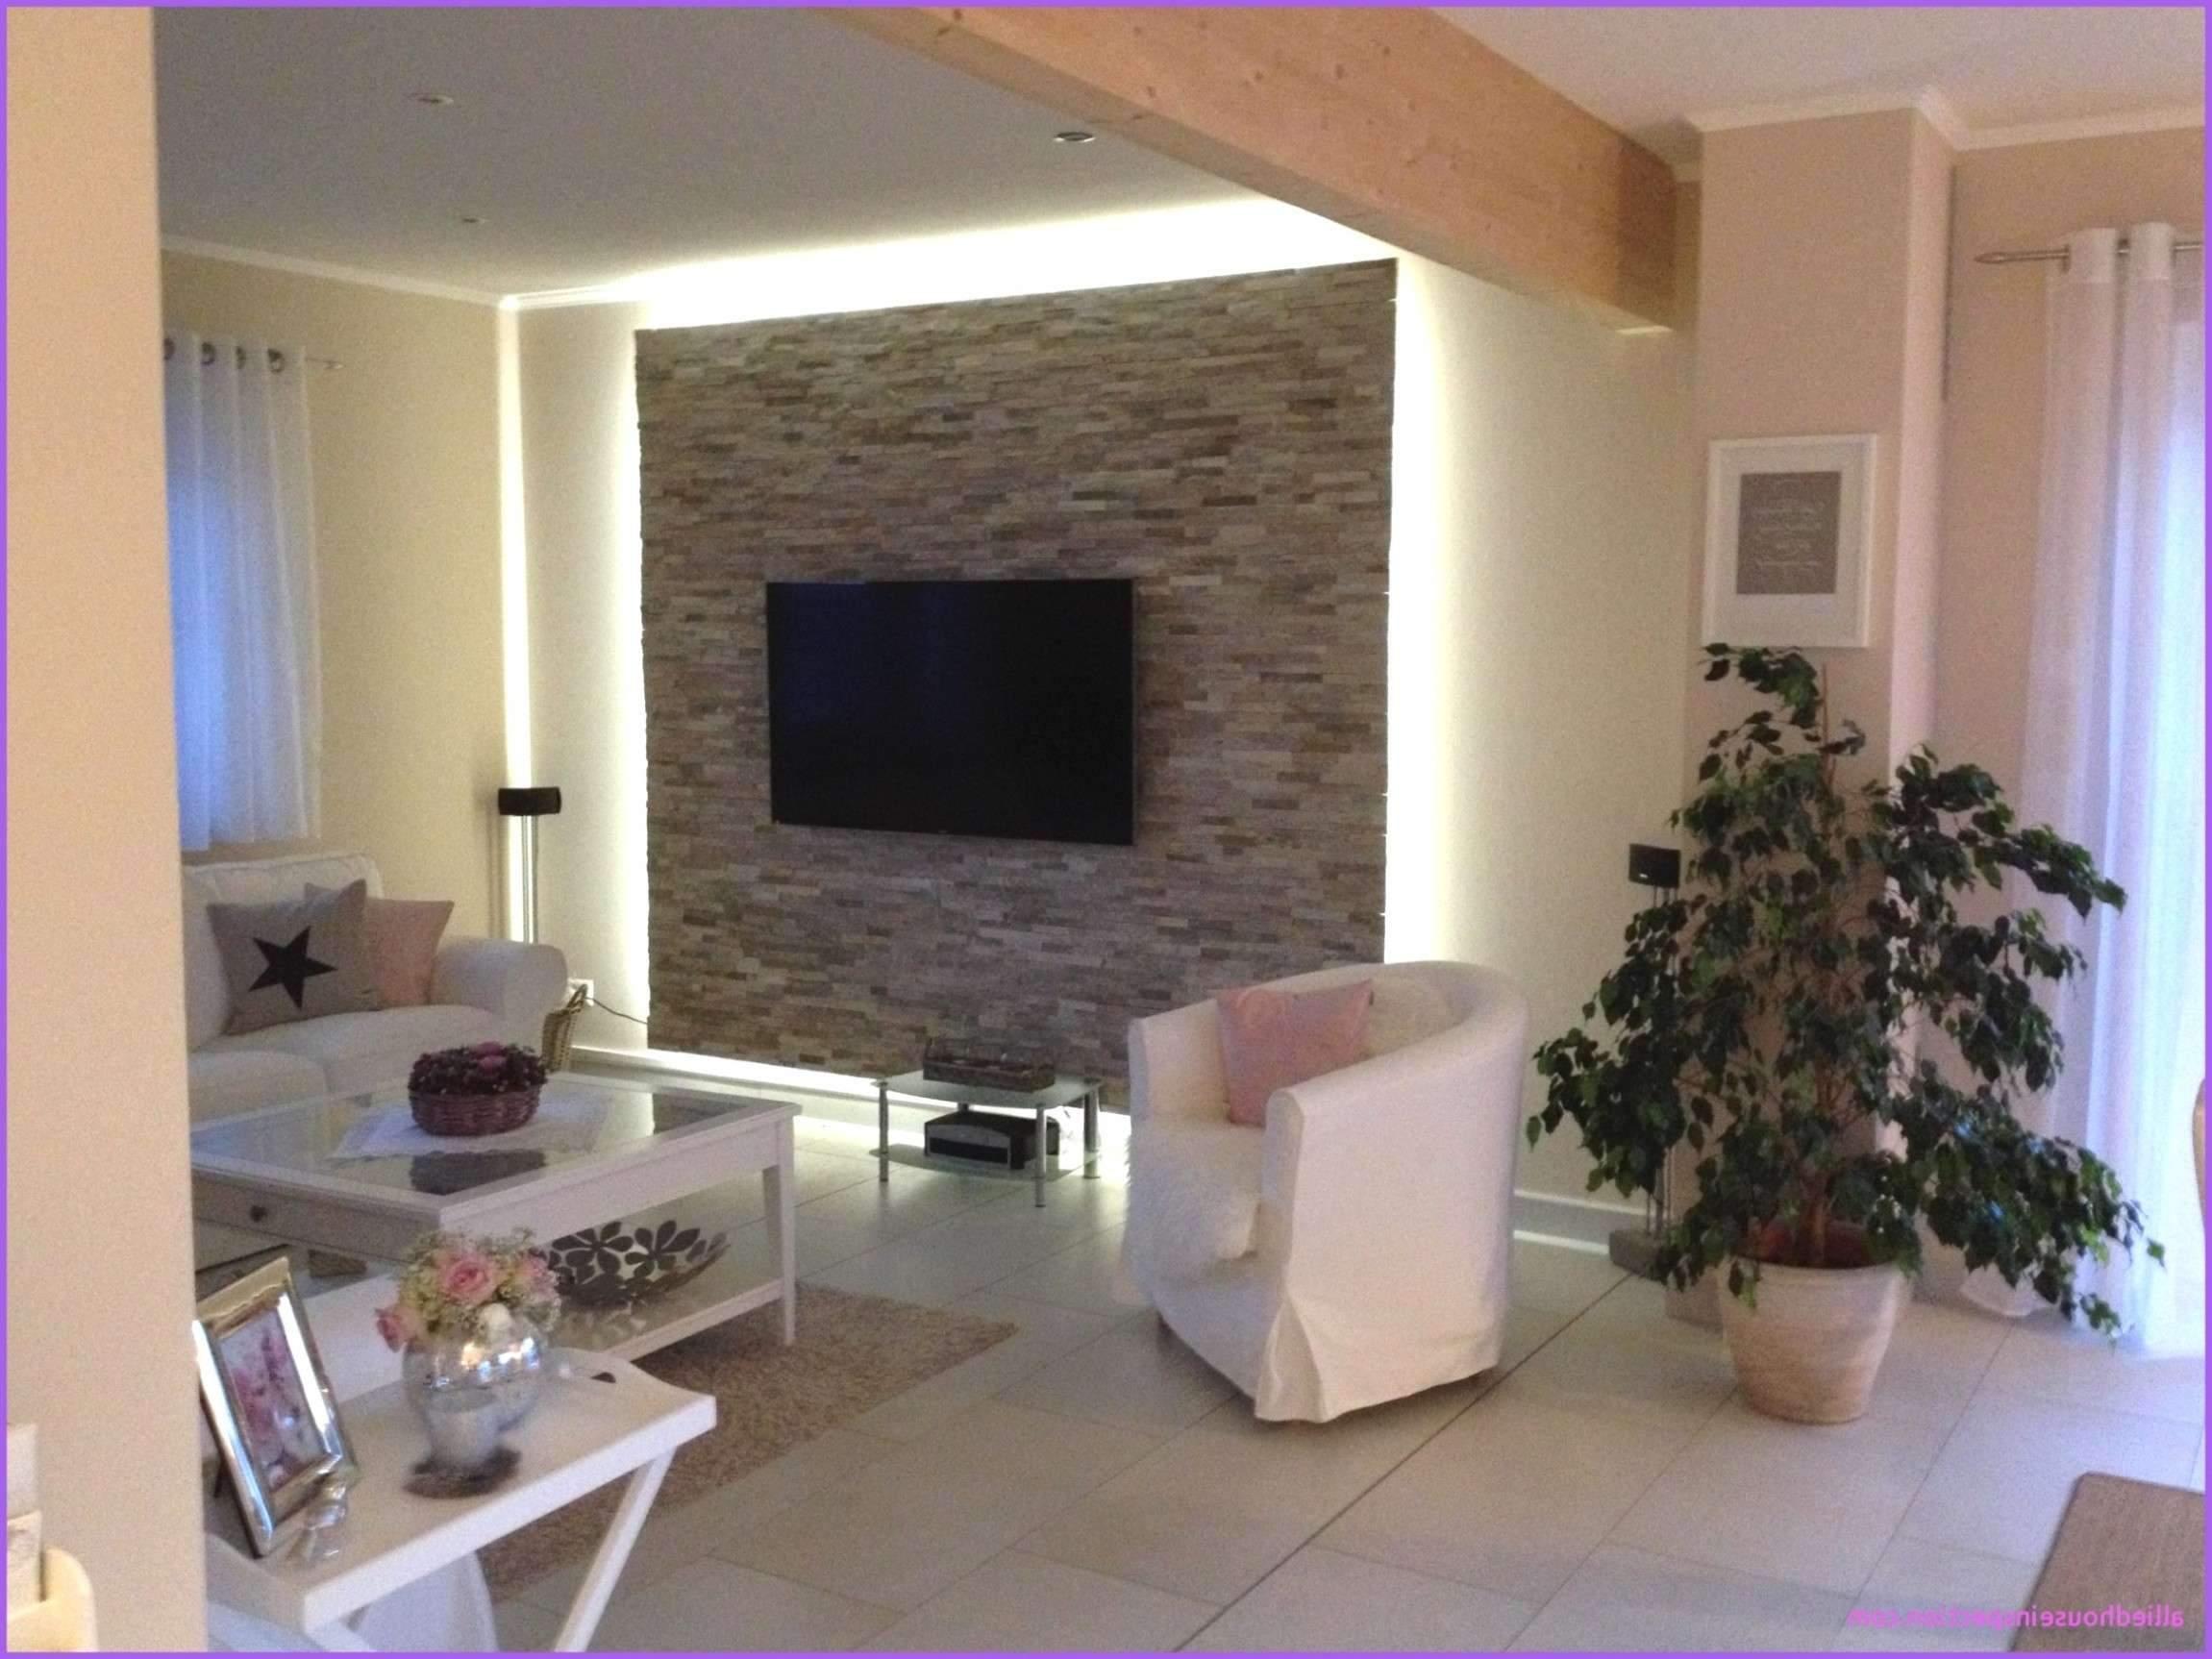 Kreative Wohnideen Selbst Gemacht Luxus 38 Das Beste Von Moderne Wohnzimmer Ideen Einzigartig